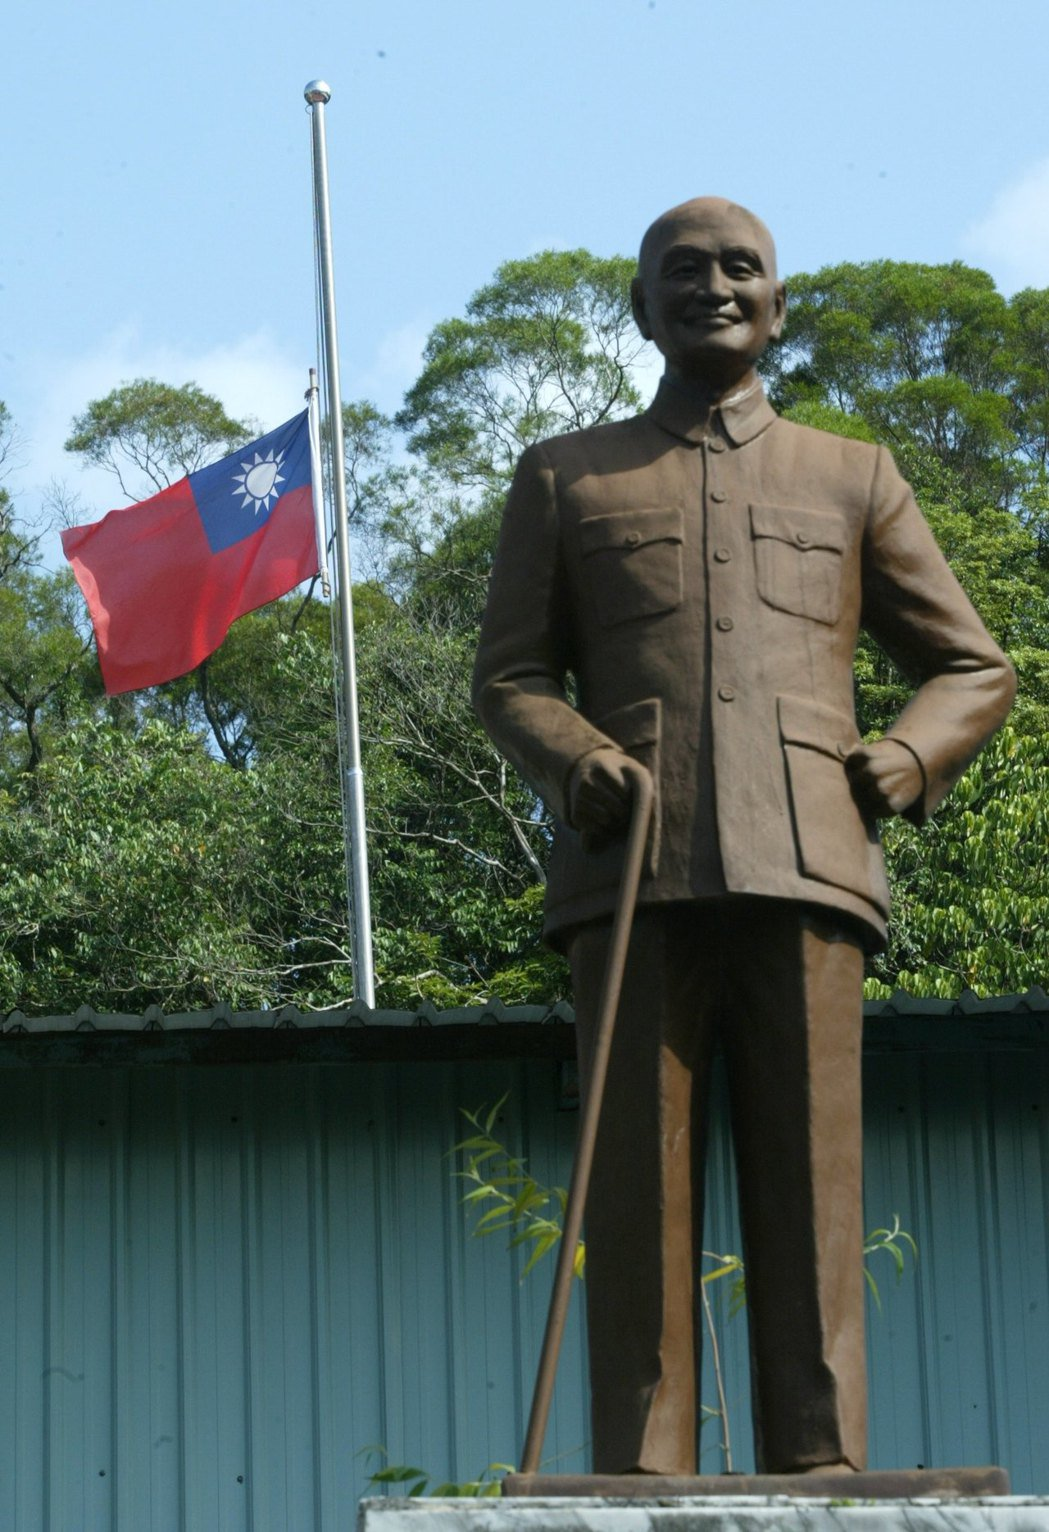 蔣宋美齡辭世,部分機構下半旗悼念,一旁剛好有蔣公銅像。 圖/聯合報系資料照片